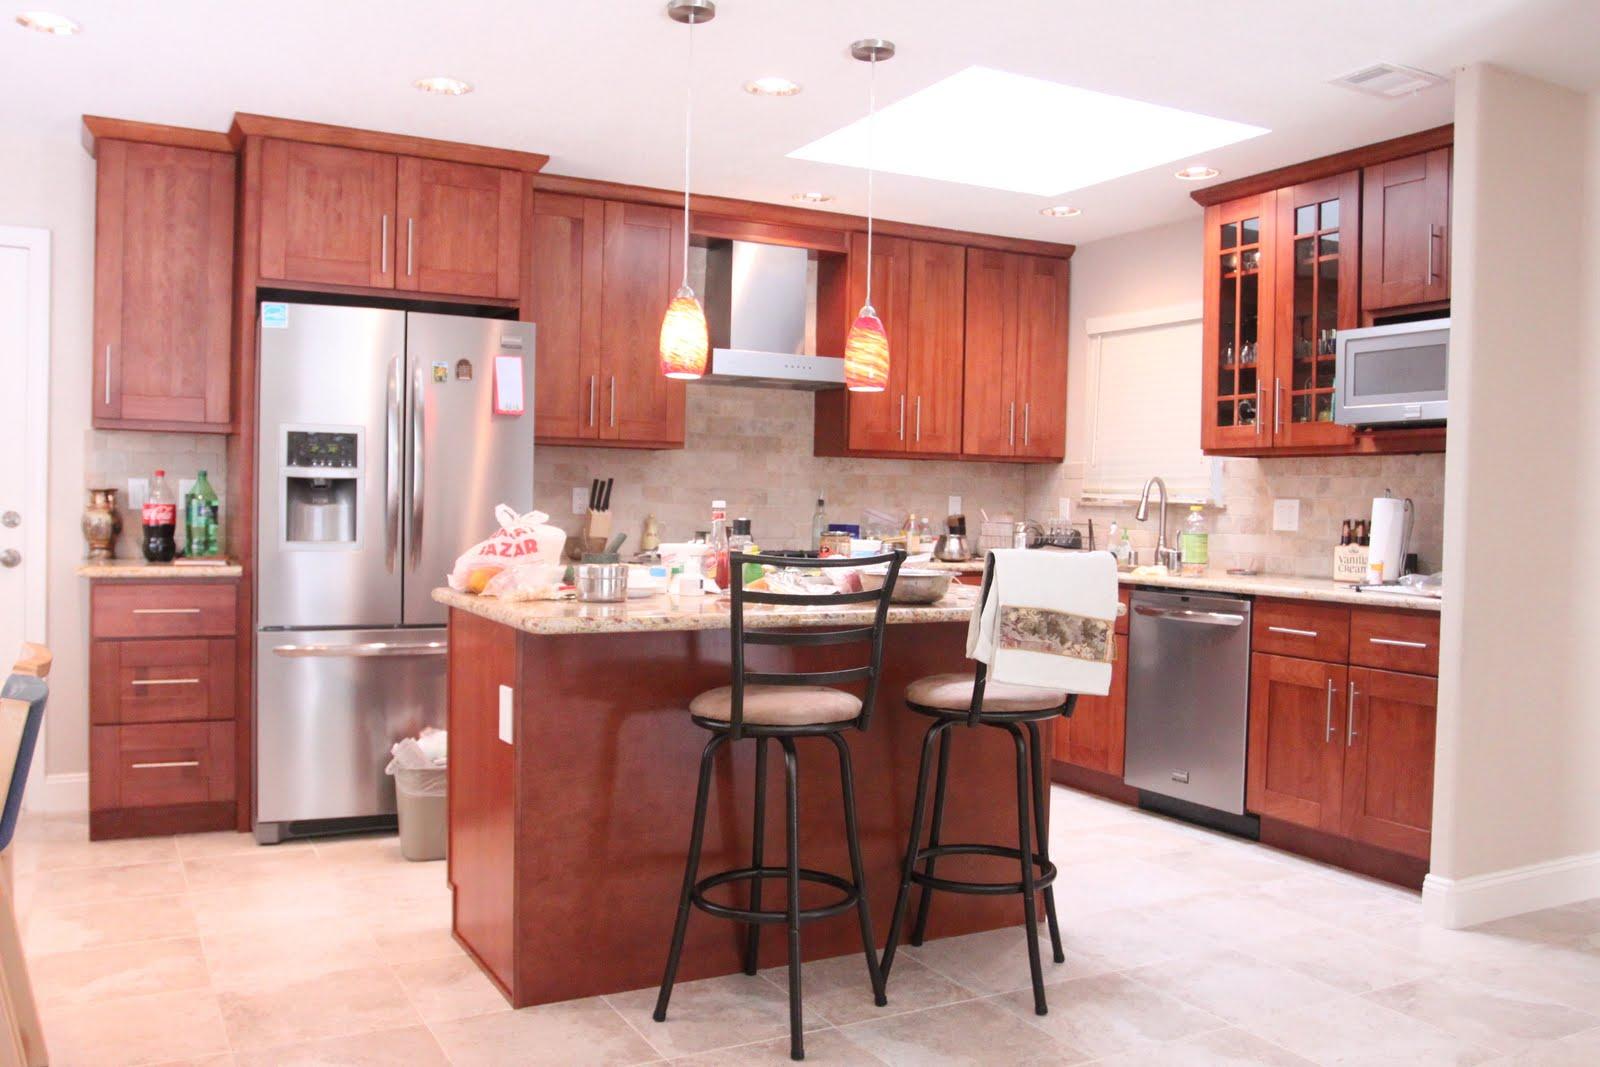 cherry shaker kitchen cabinets dark shaker kitchen cabinets Cherry Shaker Kitchen Cabinets Dark Chocolate Shaker vanity Cabinets